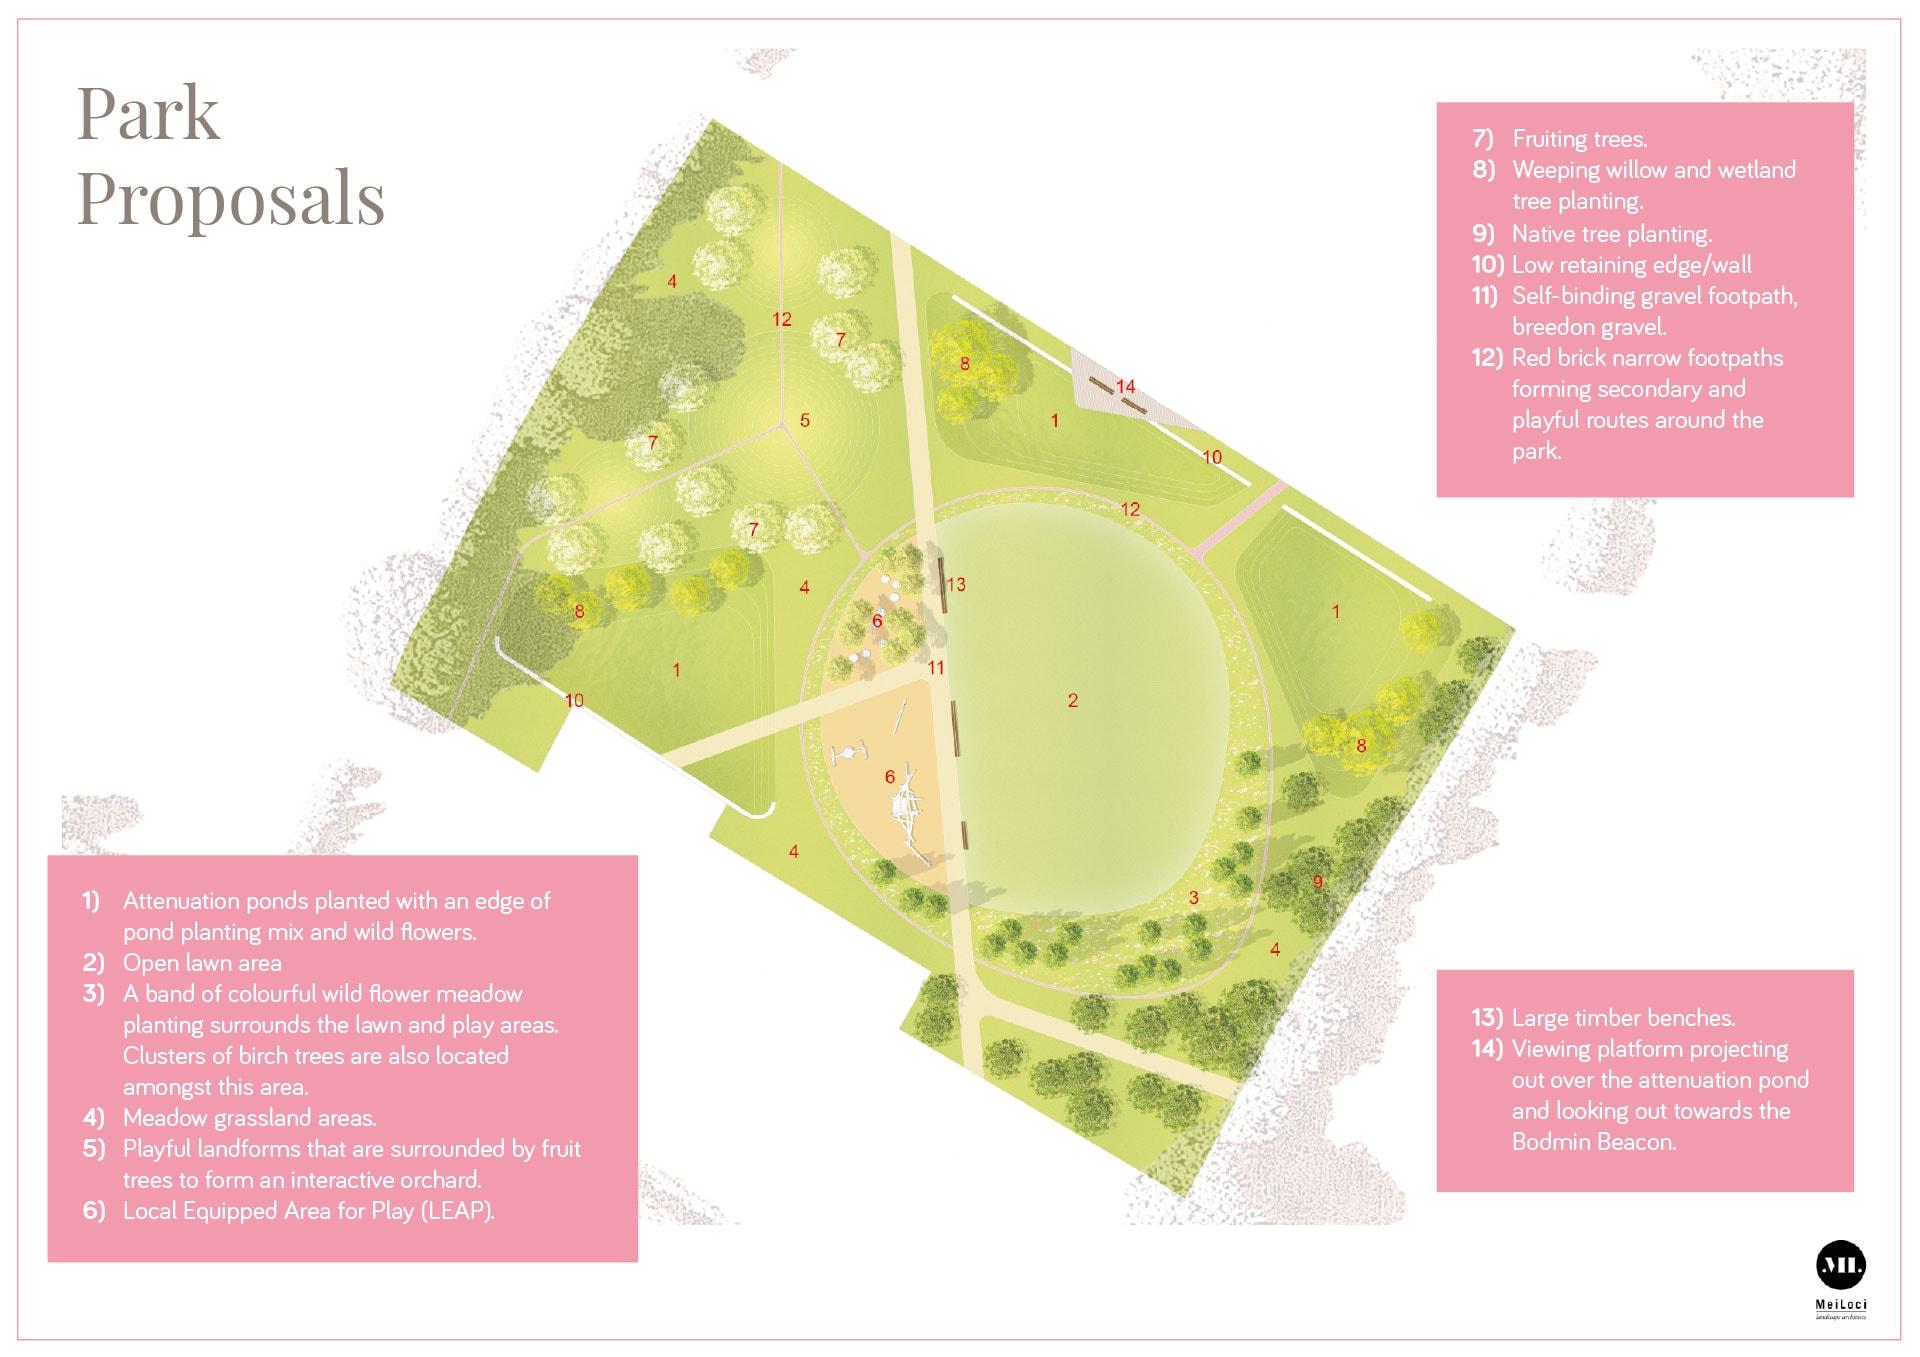 Park-proposals-v3